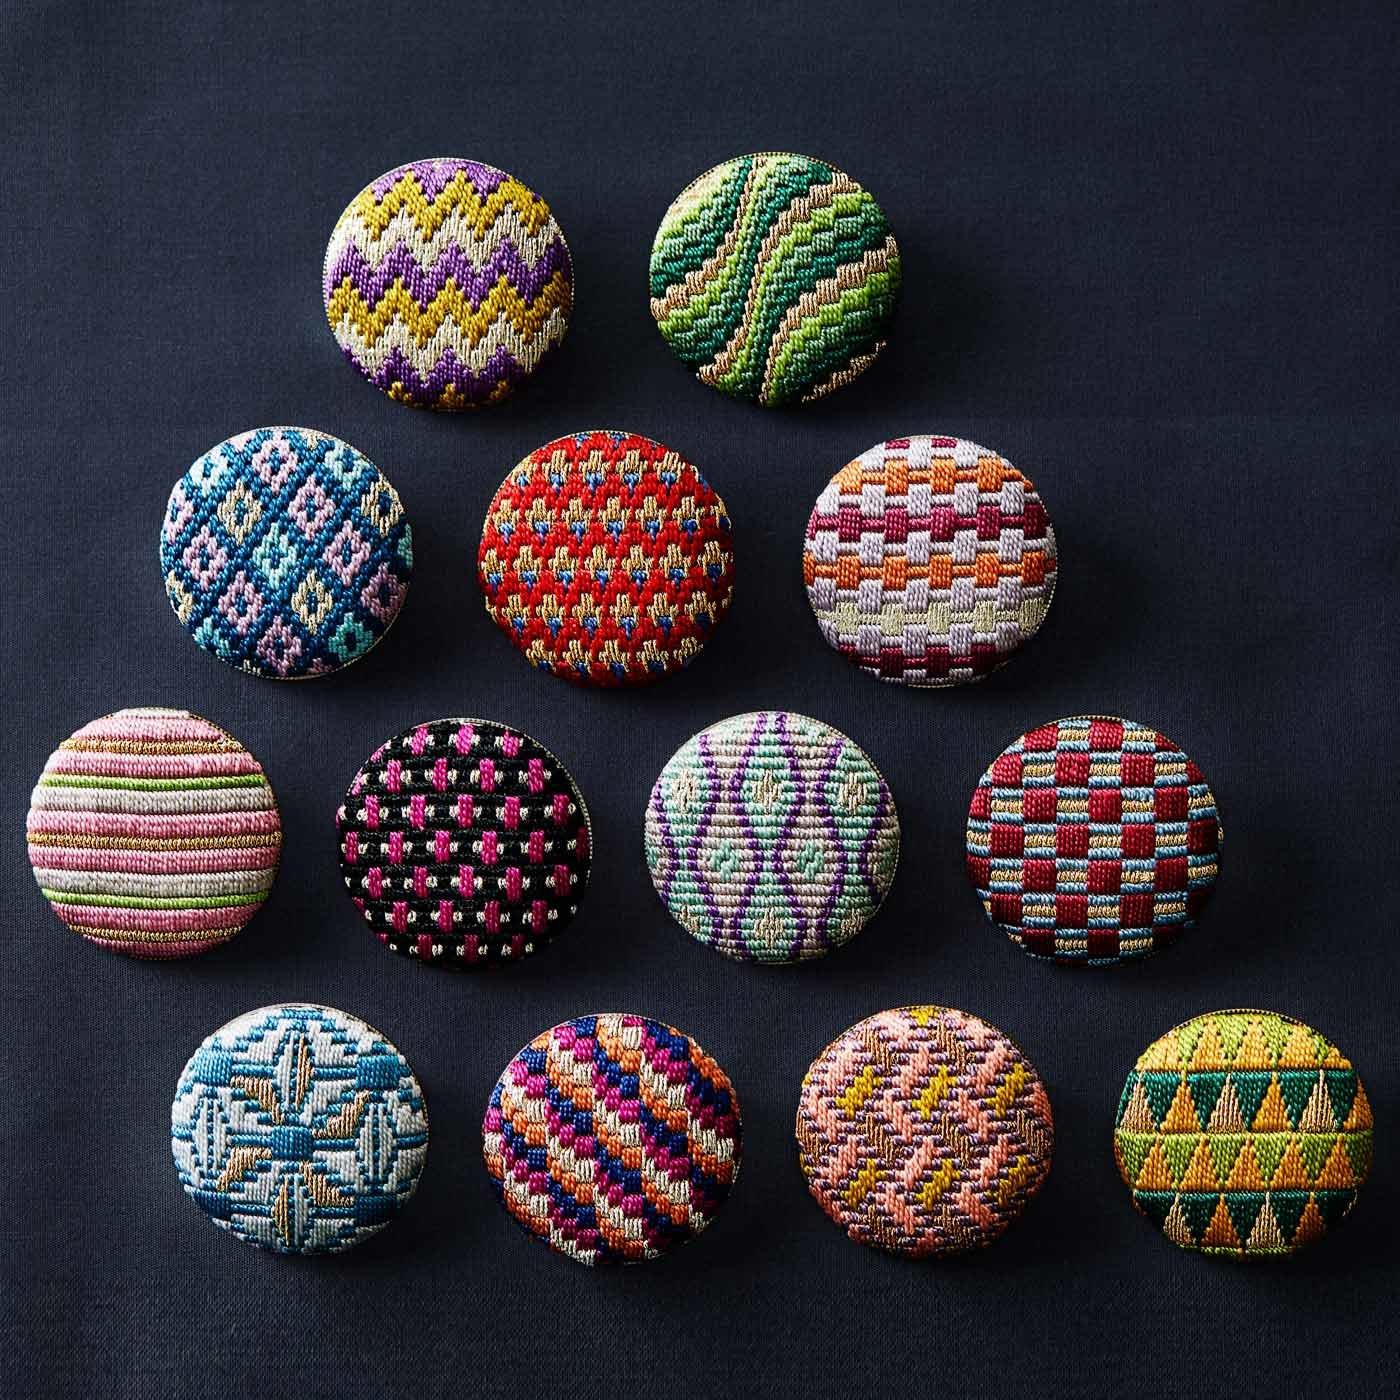 【クチュリエクラブ会員限定】絹糸の光沢が美しい 日本の伝統刺しゅう 絽(ろ)刺しのブローチの会